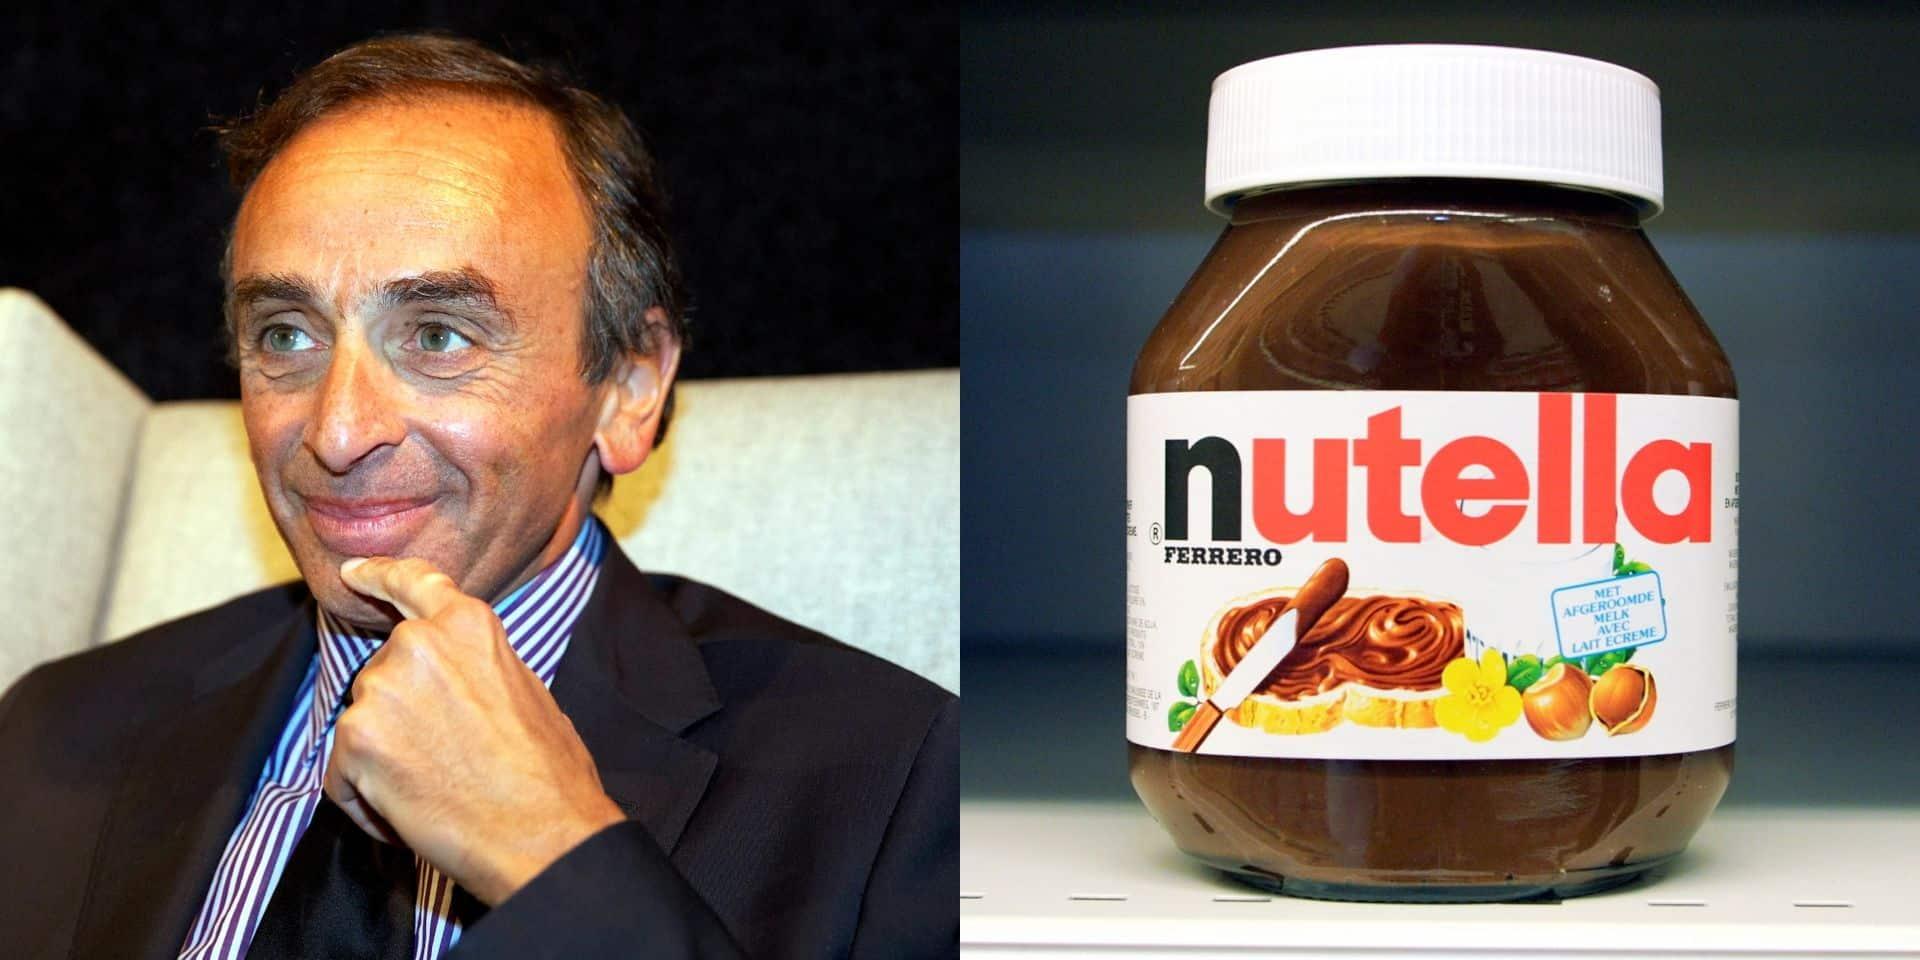 Nutella ne diffusera plus de pub pendant les émissions d'Eric Zemmour